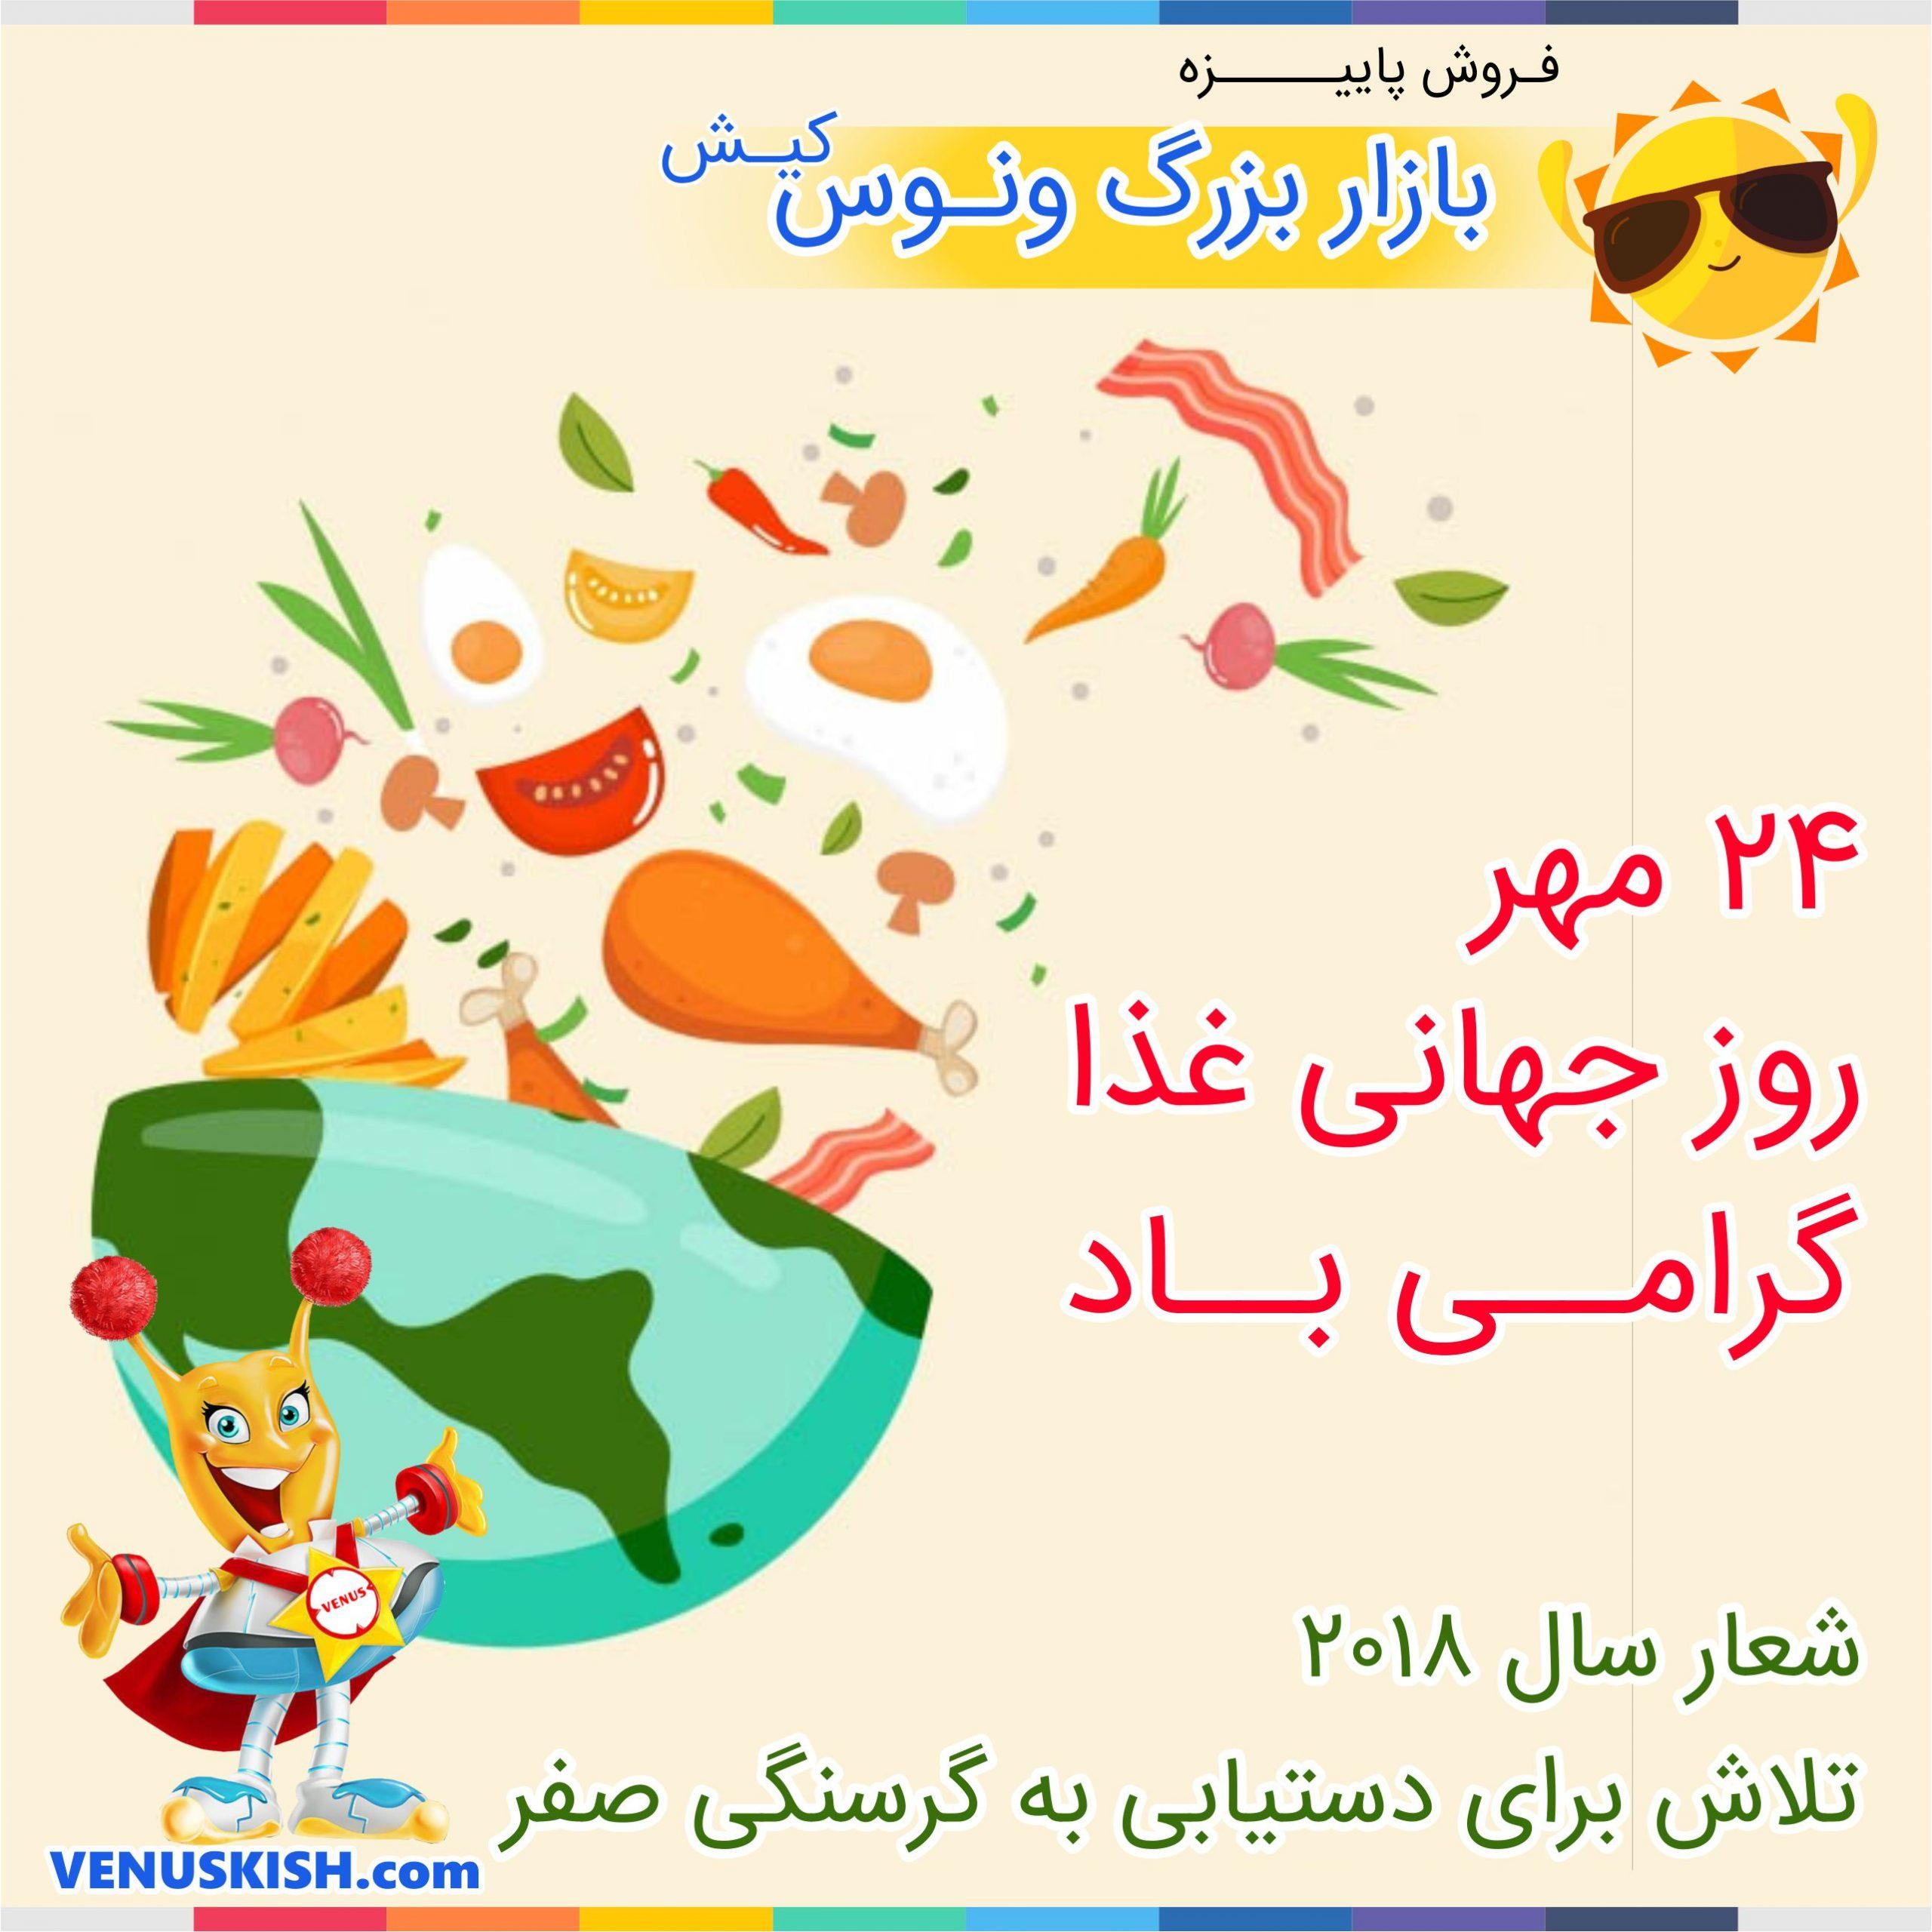 16 اکتبر (24 مهر) روز جهانی غذا گرامی🌹